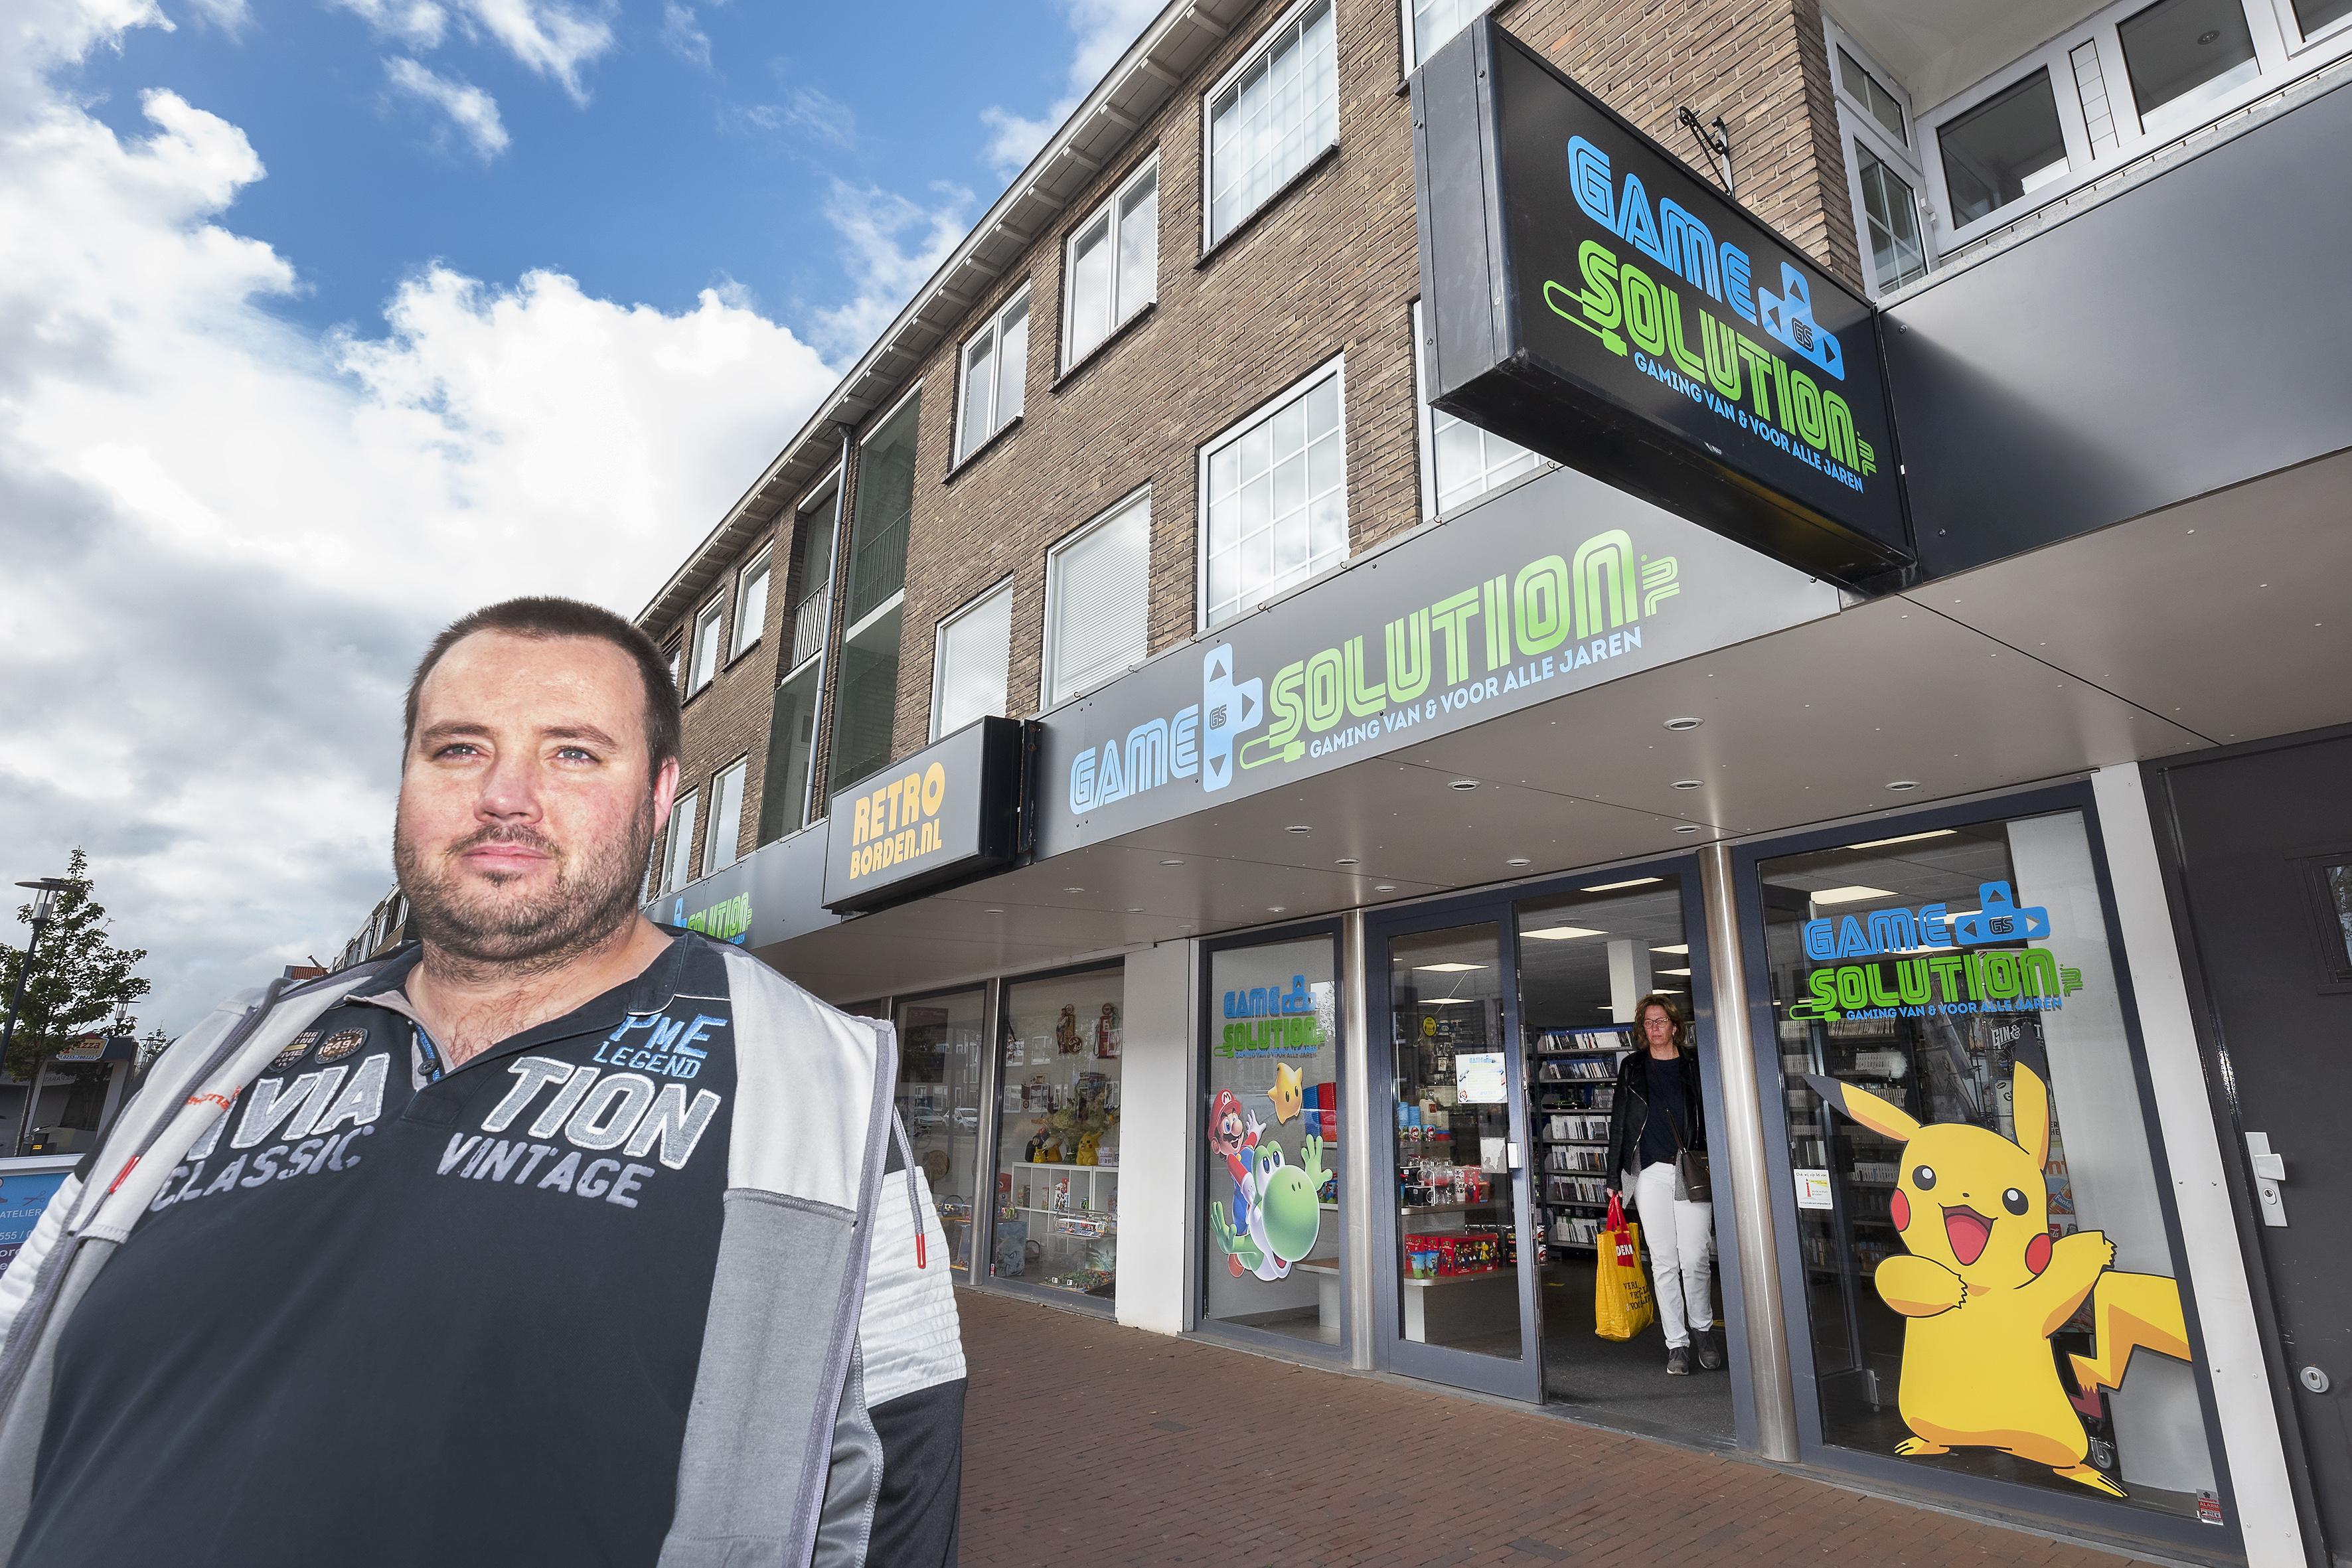 Games, vintage en retro op echte A-locatie aan de Lange Nieuwstraat in IJmuiden: 'De vorige winkel was uit zijn jasje gegroeid'